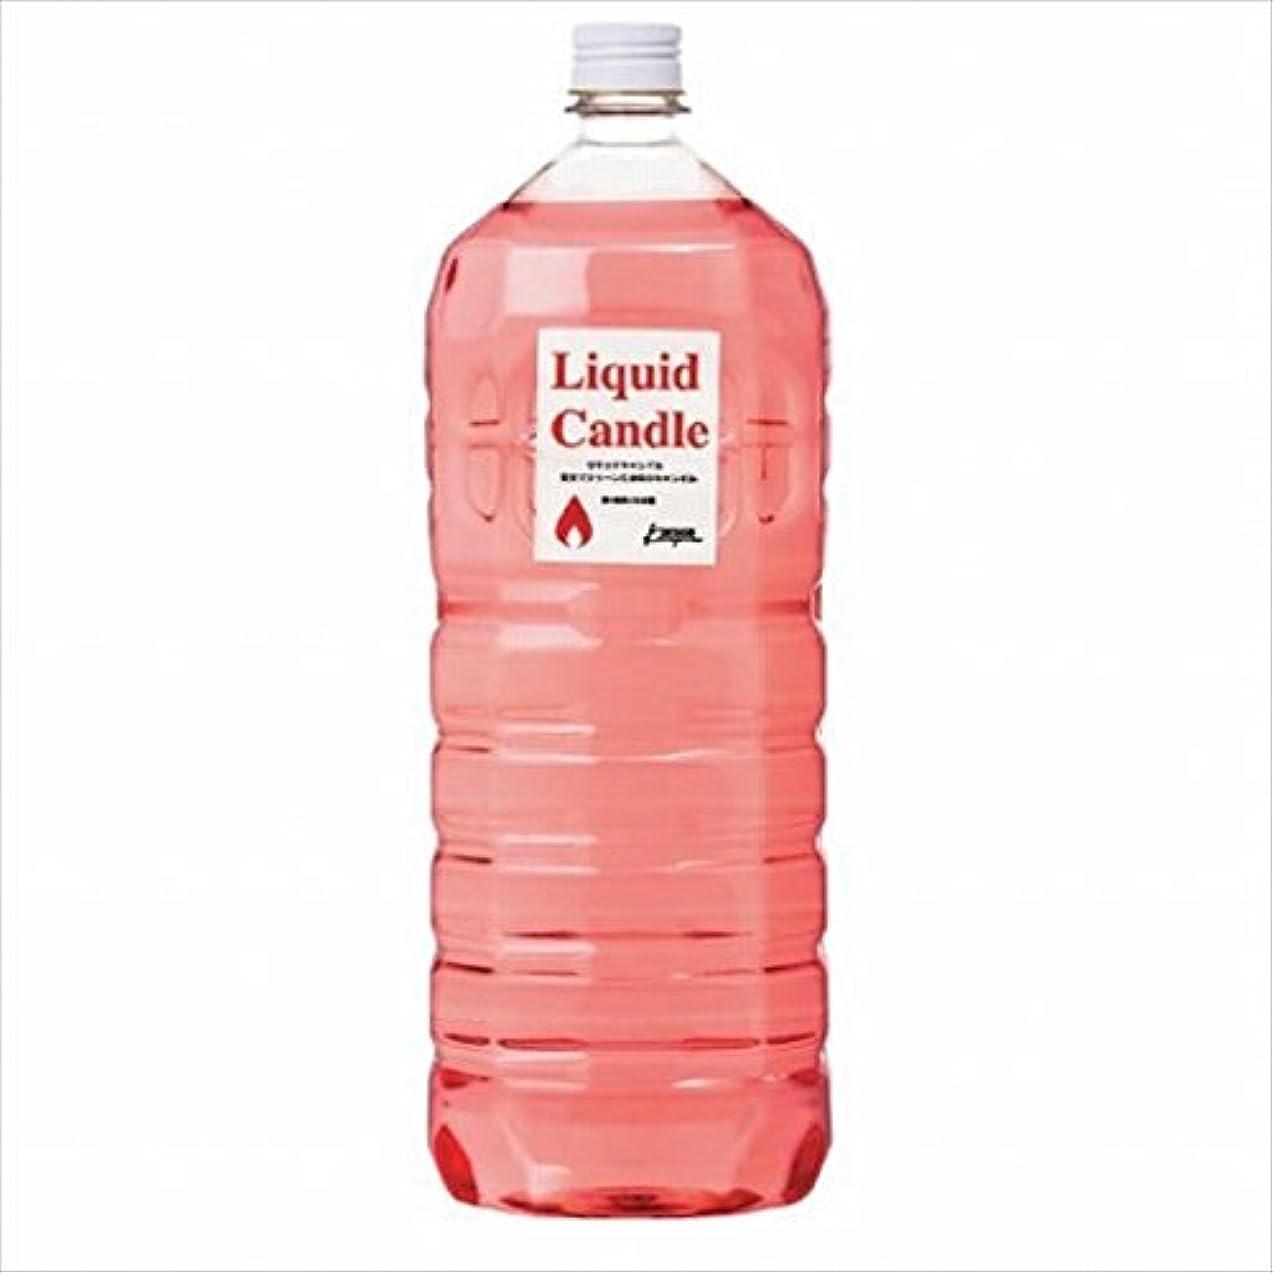 セブンあごひげ概要カメヤマキャンドル(kameyama candle) リキッドキャンドル2リットル 「 ピンク 」